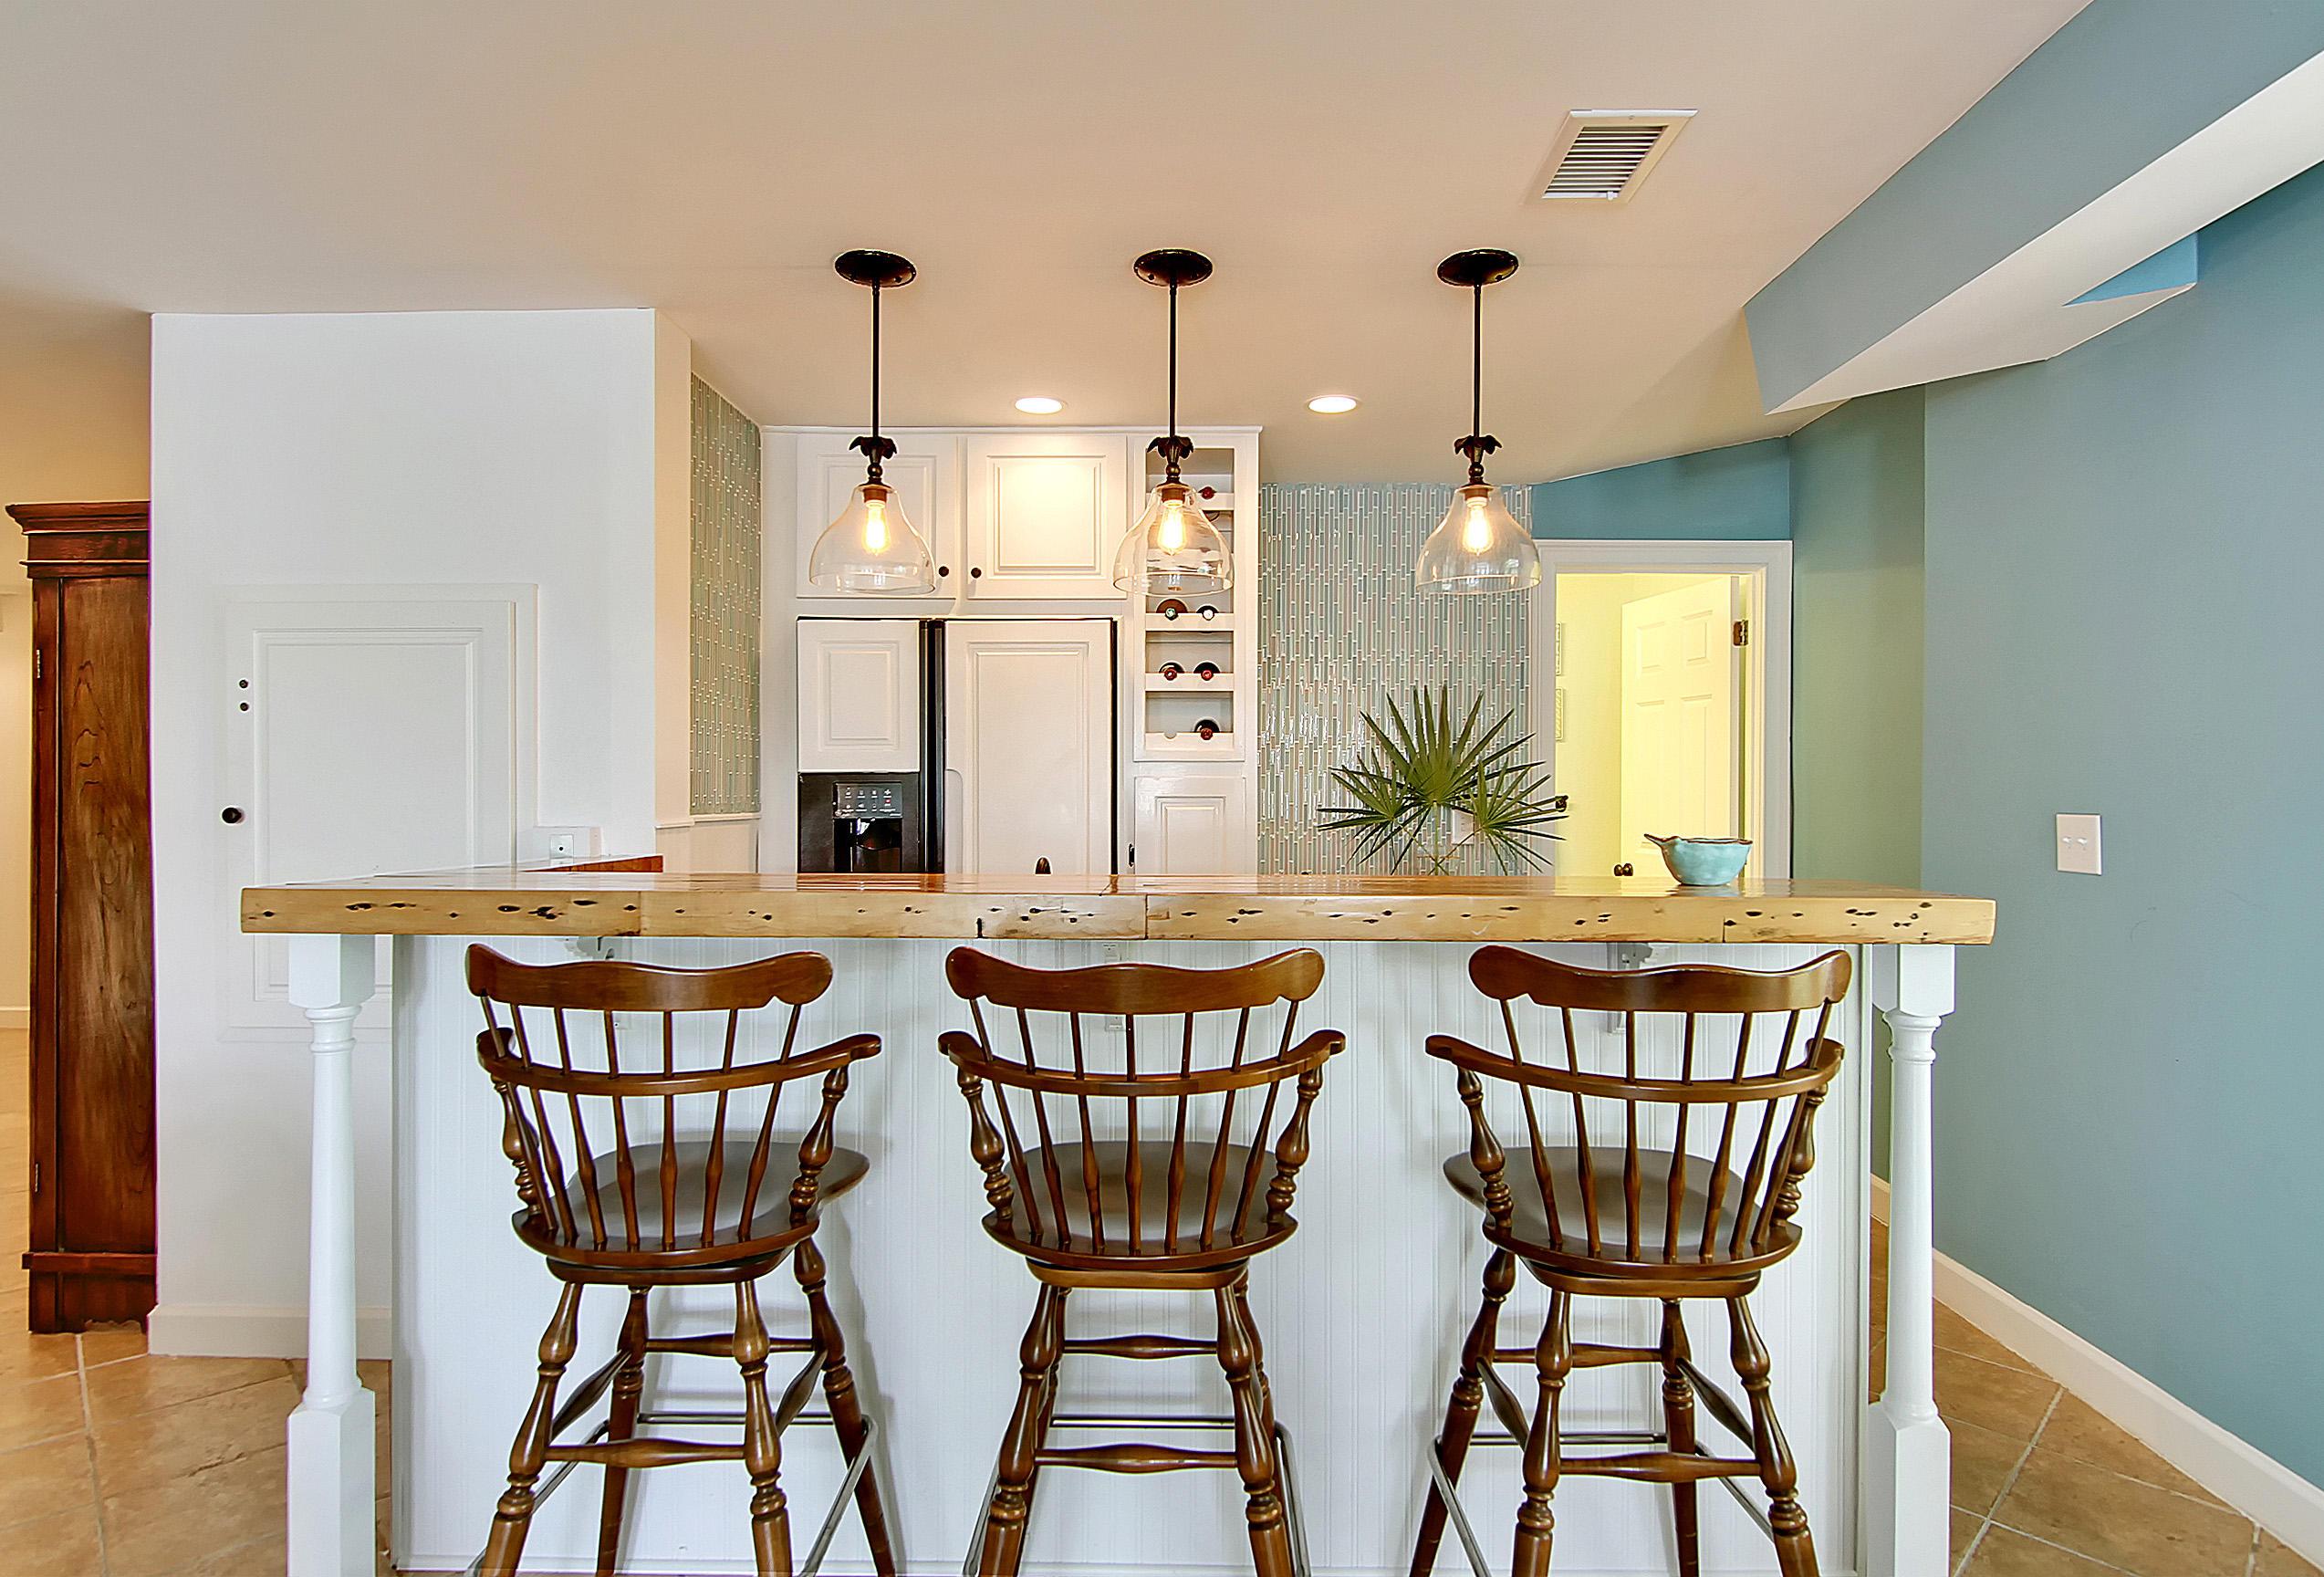 Dunes West Homes For Sale - 2282 Captain Waring, Mount Pleasant, SC - 6